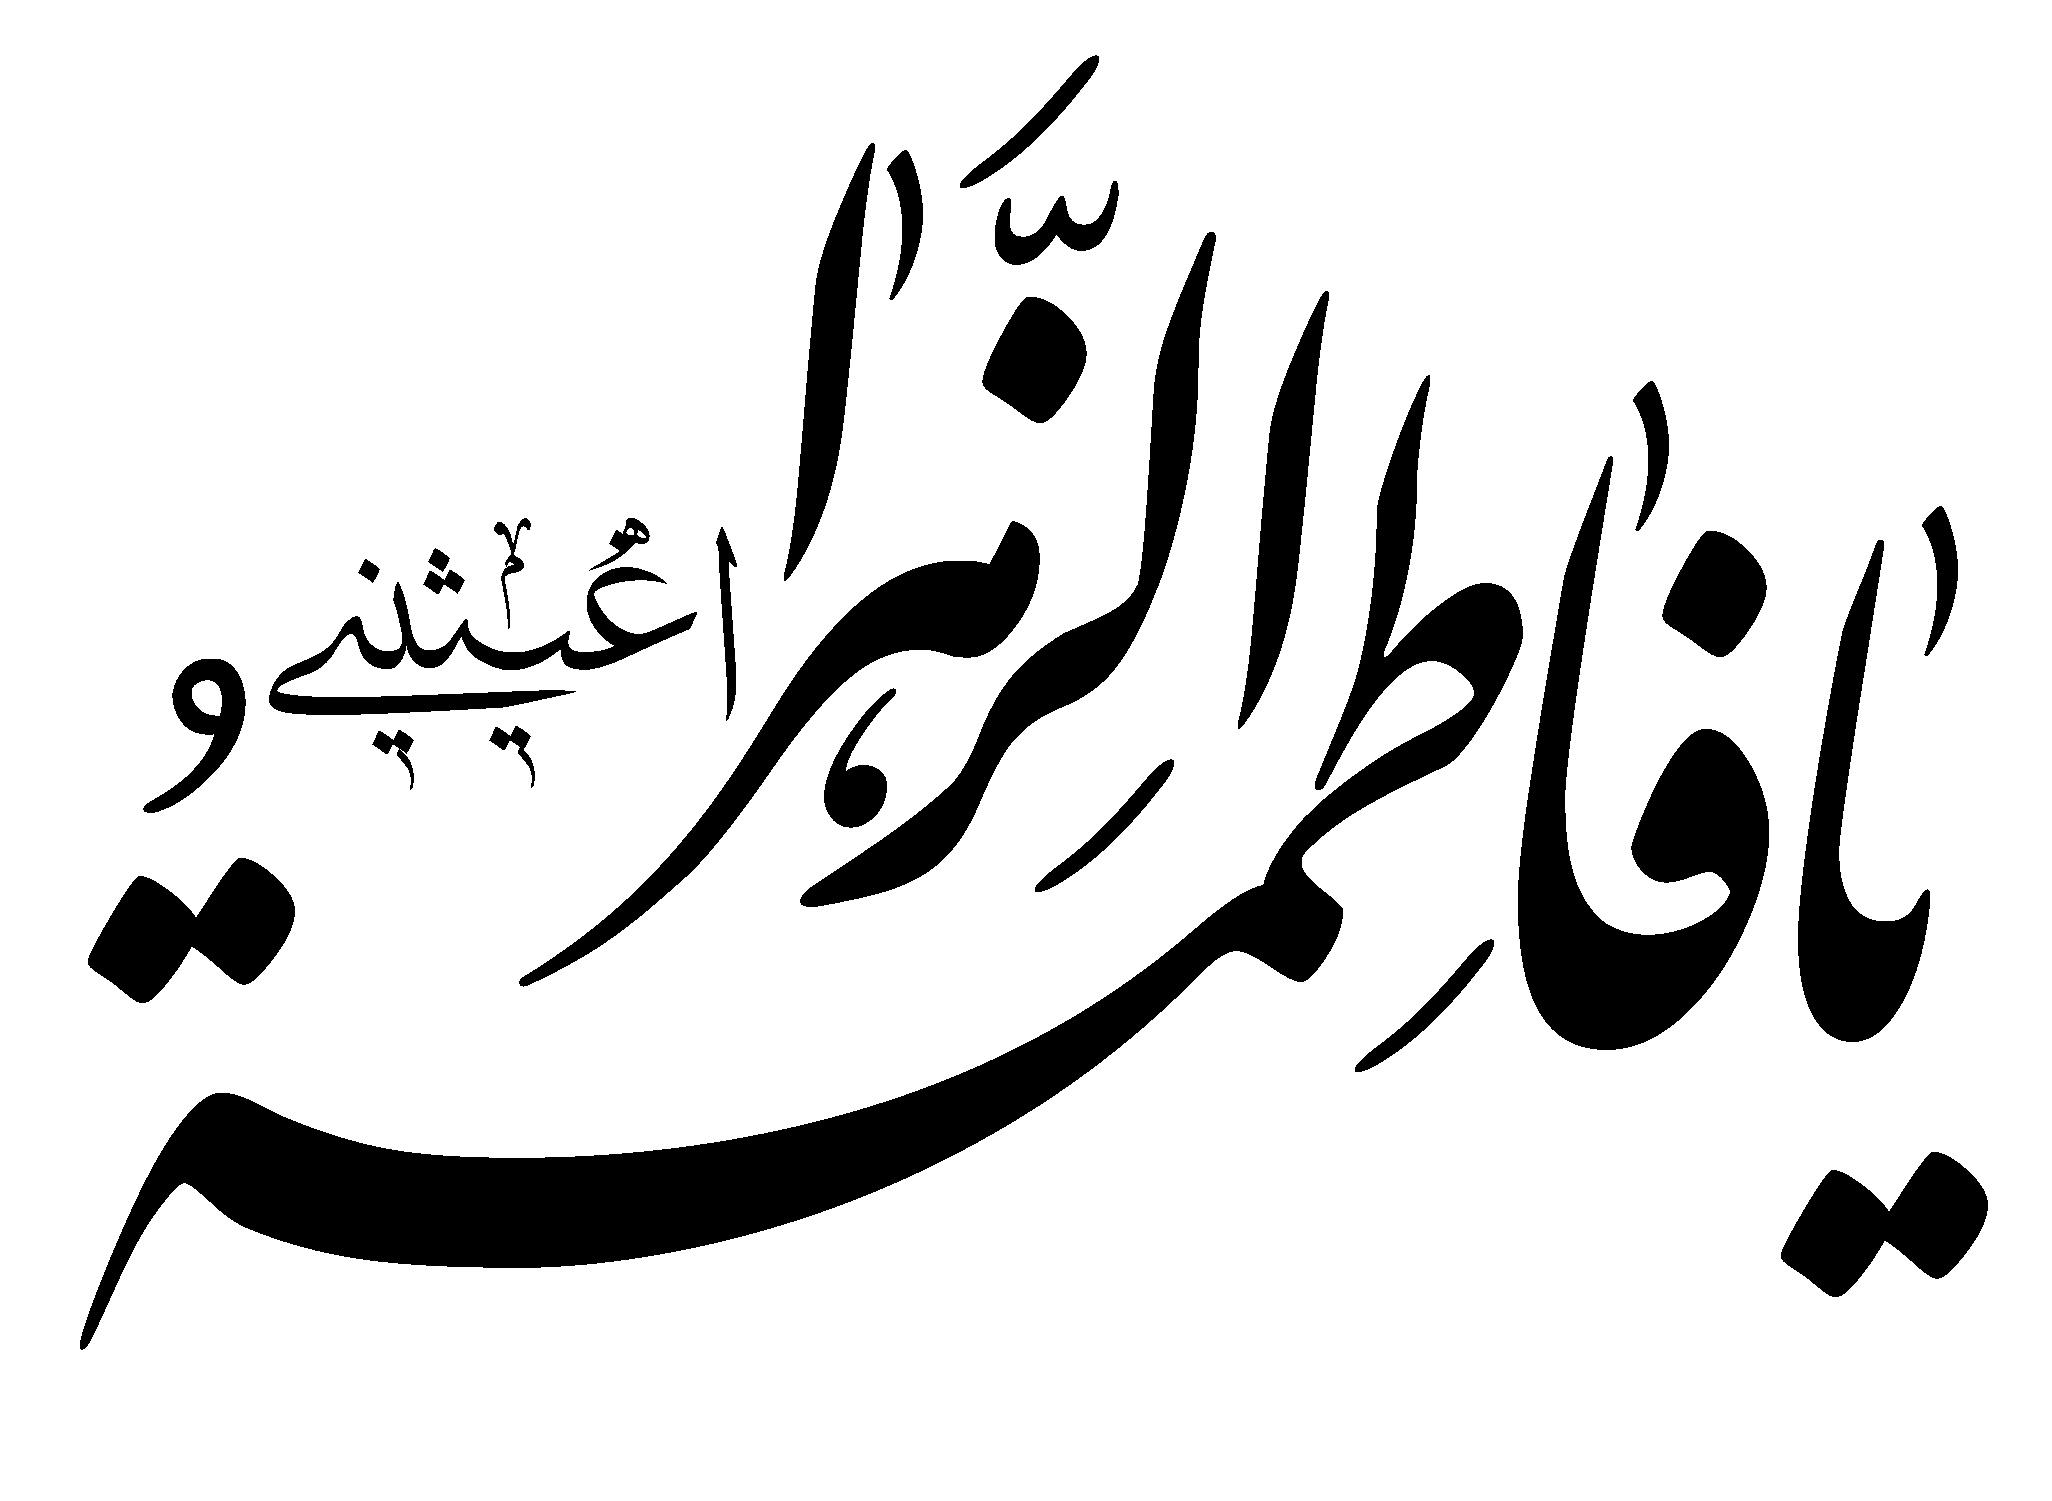 Khat-00114-yasinmedia.com